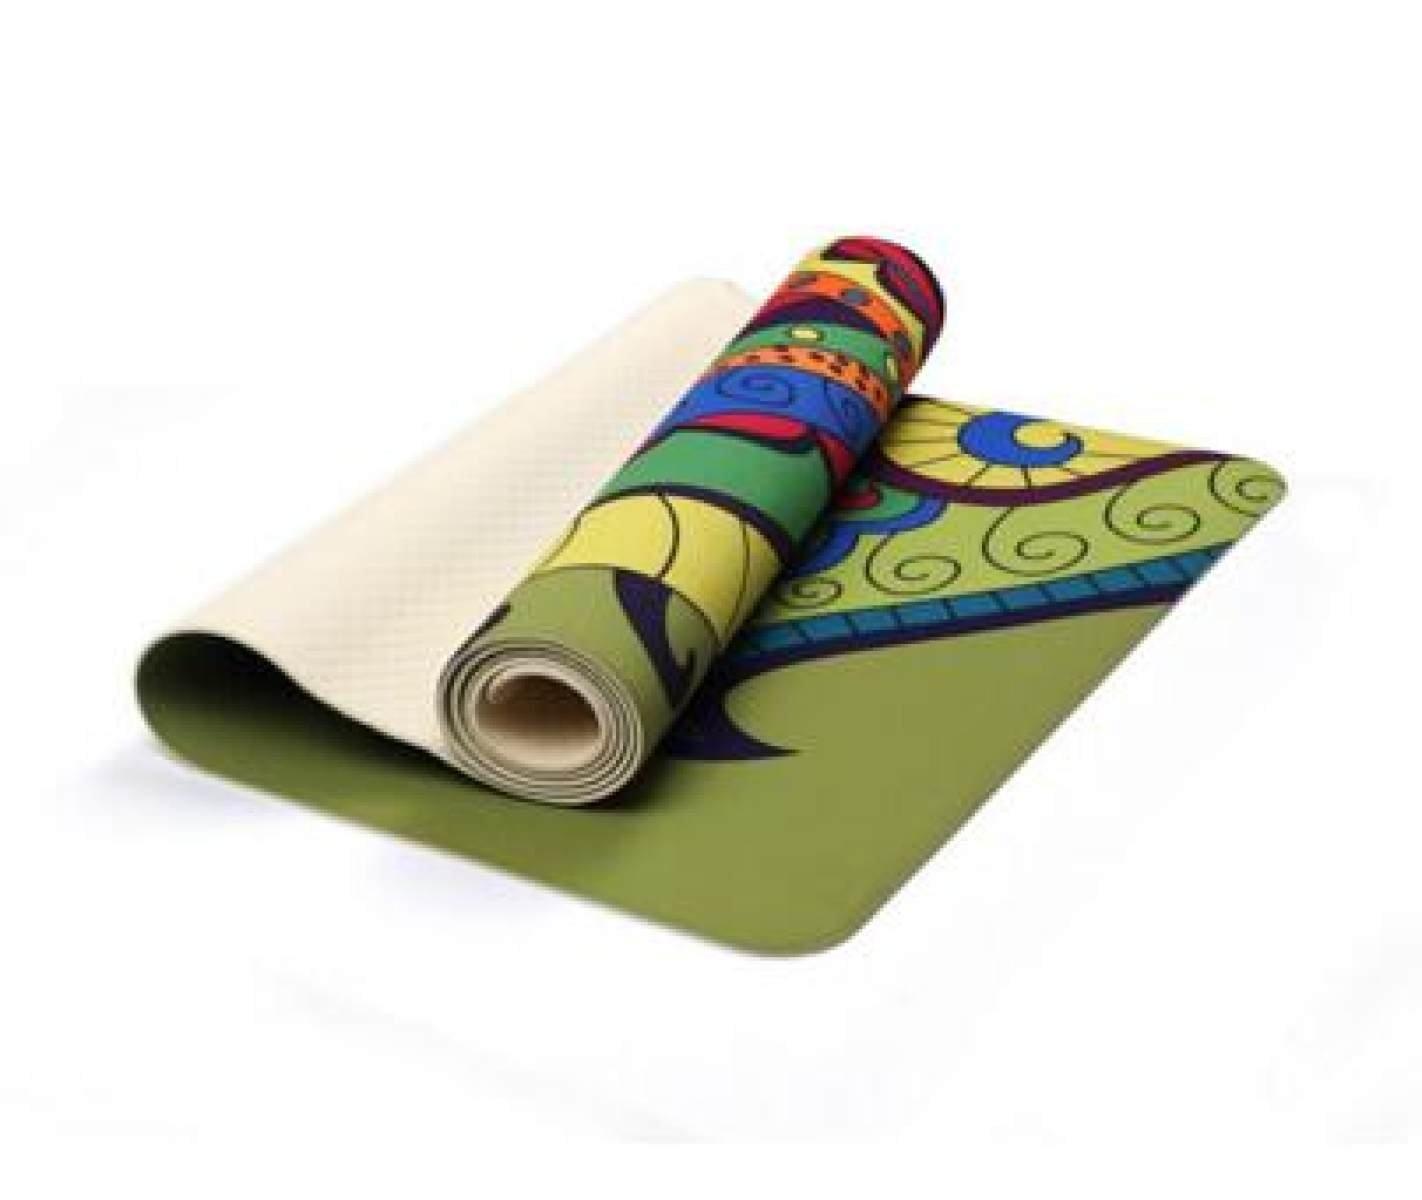 ZHANGHAOBO Yoga Mat Schaum Kniend Pad Fitness Mat Pattern Anti-Rutsch Sport Matte